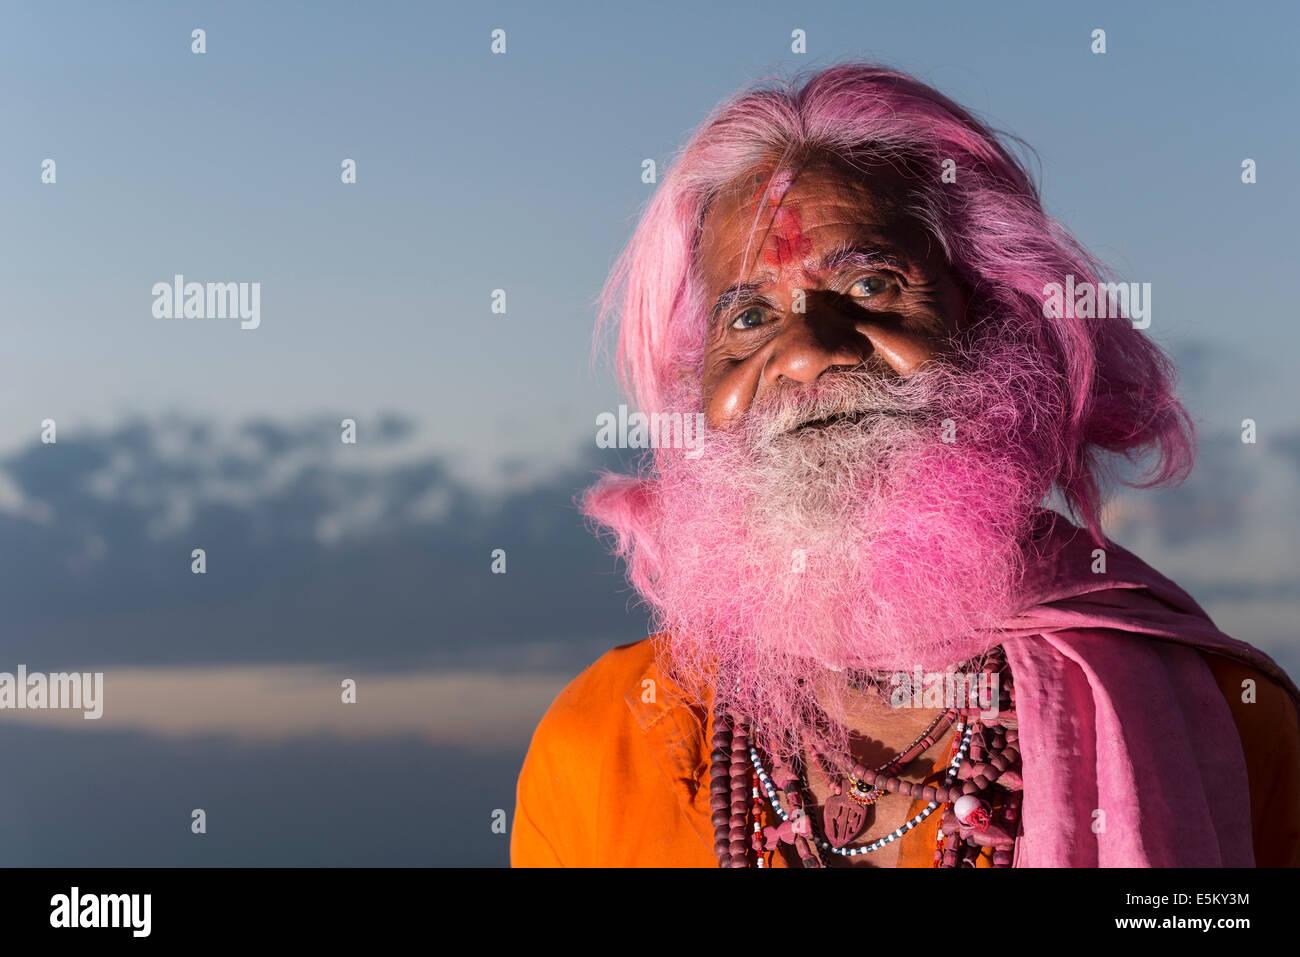 Retrato de um homem com uma barba rosa no festival, Vrindavan Multila, Uttar Pradesh, Índia Imagens de Stock